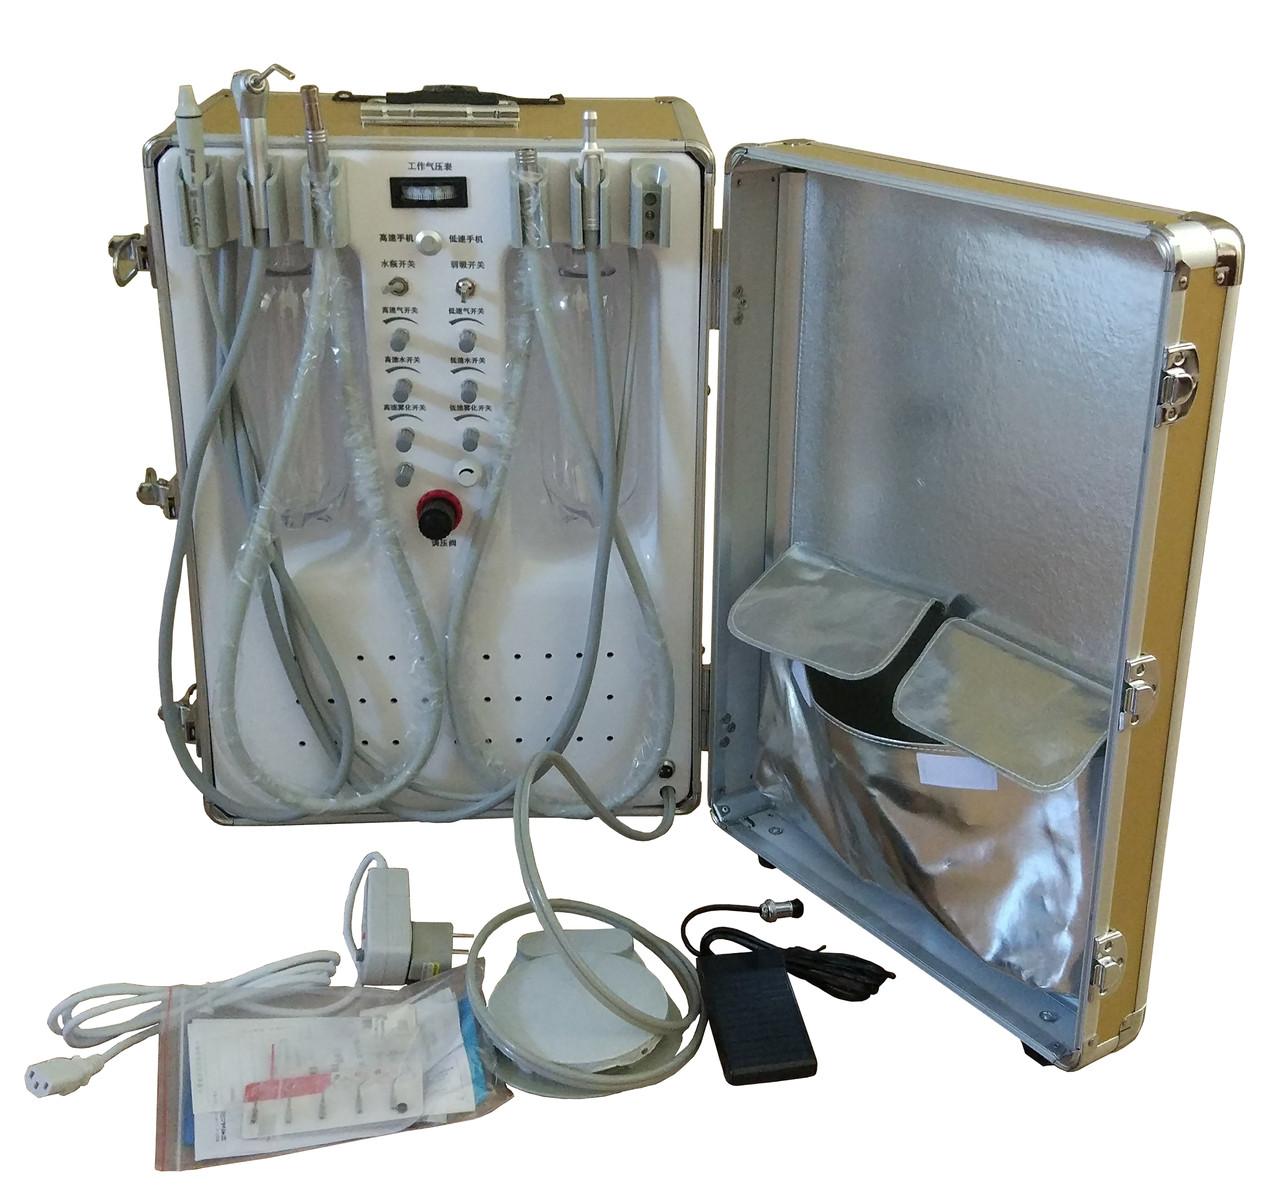 Стоматологічна установка P25 портативна з вбудованим компресором, скалером і ресивером.